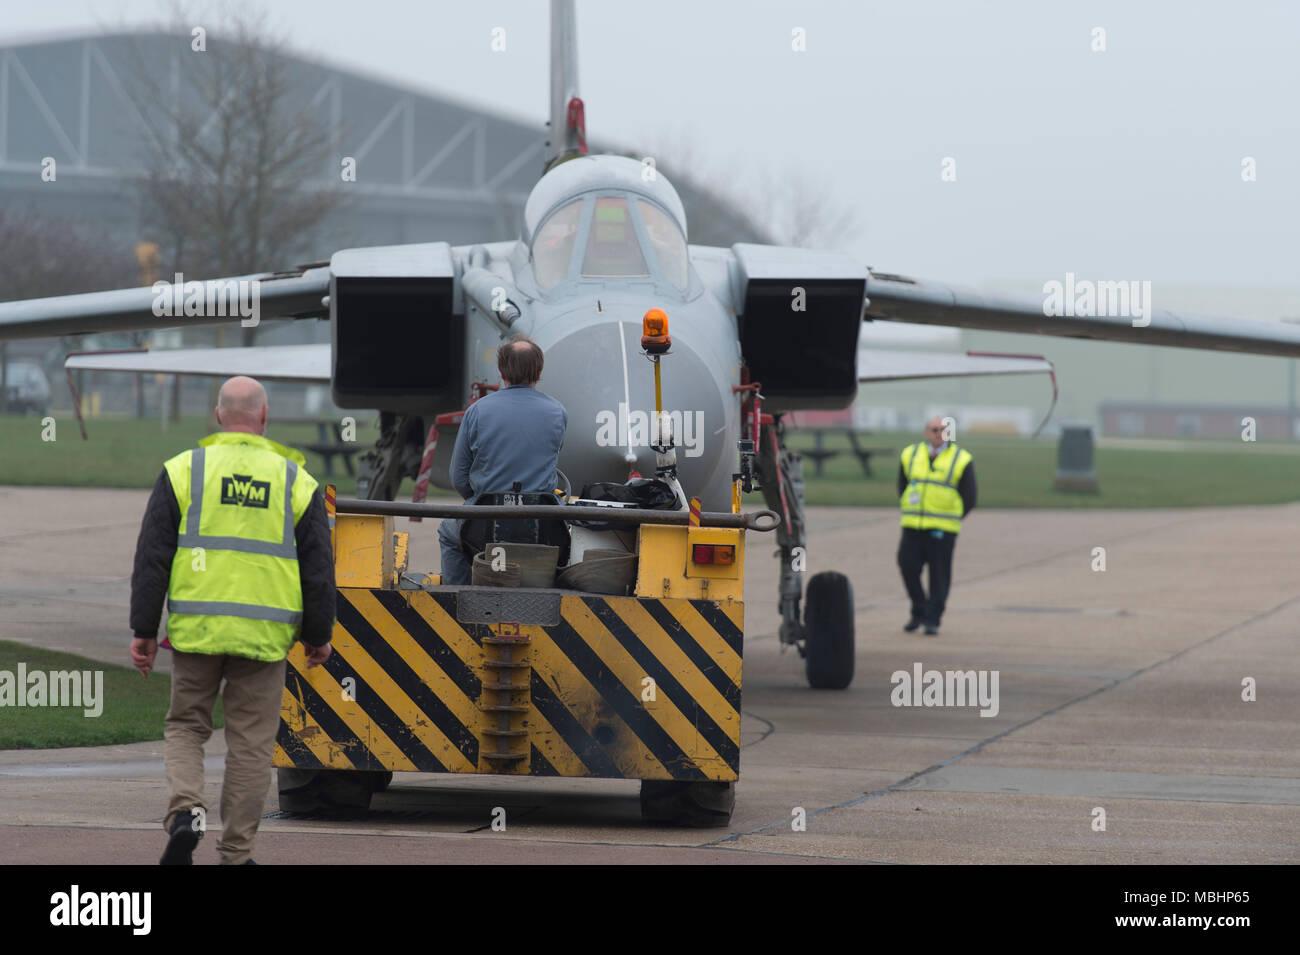 IWM Duxford, Cambridgeshire, Großbritannien. 11. April 2018. Imperial War Museum, Arbeiten mit RAF Marham, hinzufügen Tornado GR4 ZA 469 an die Displays am IWM Duxford. Tornado GR4 ZA 469 ist von der Erhaltung der Halle im Luftraum um die Schlacht von Großbritannien Ausstellung, wo Sie auf der Anzeige zu Besucher geht vom 11. April 2018 transportiert. Der Tornado GR4 ist die bedeutendste Jet von der RAF während der letzten 27 Jahre genutzt und weiter bis 2019. Credit: Malcolm Park/Alamy Leben Nachrichten. Stockbild